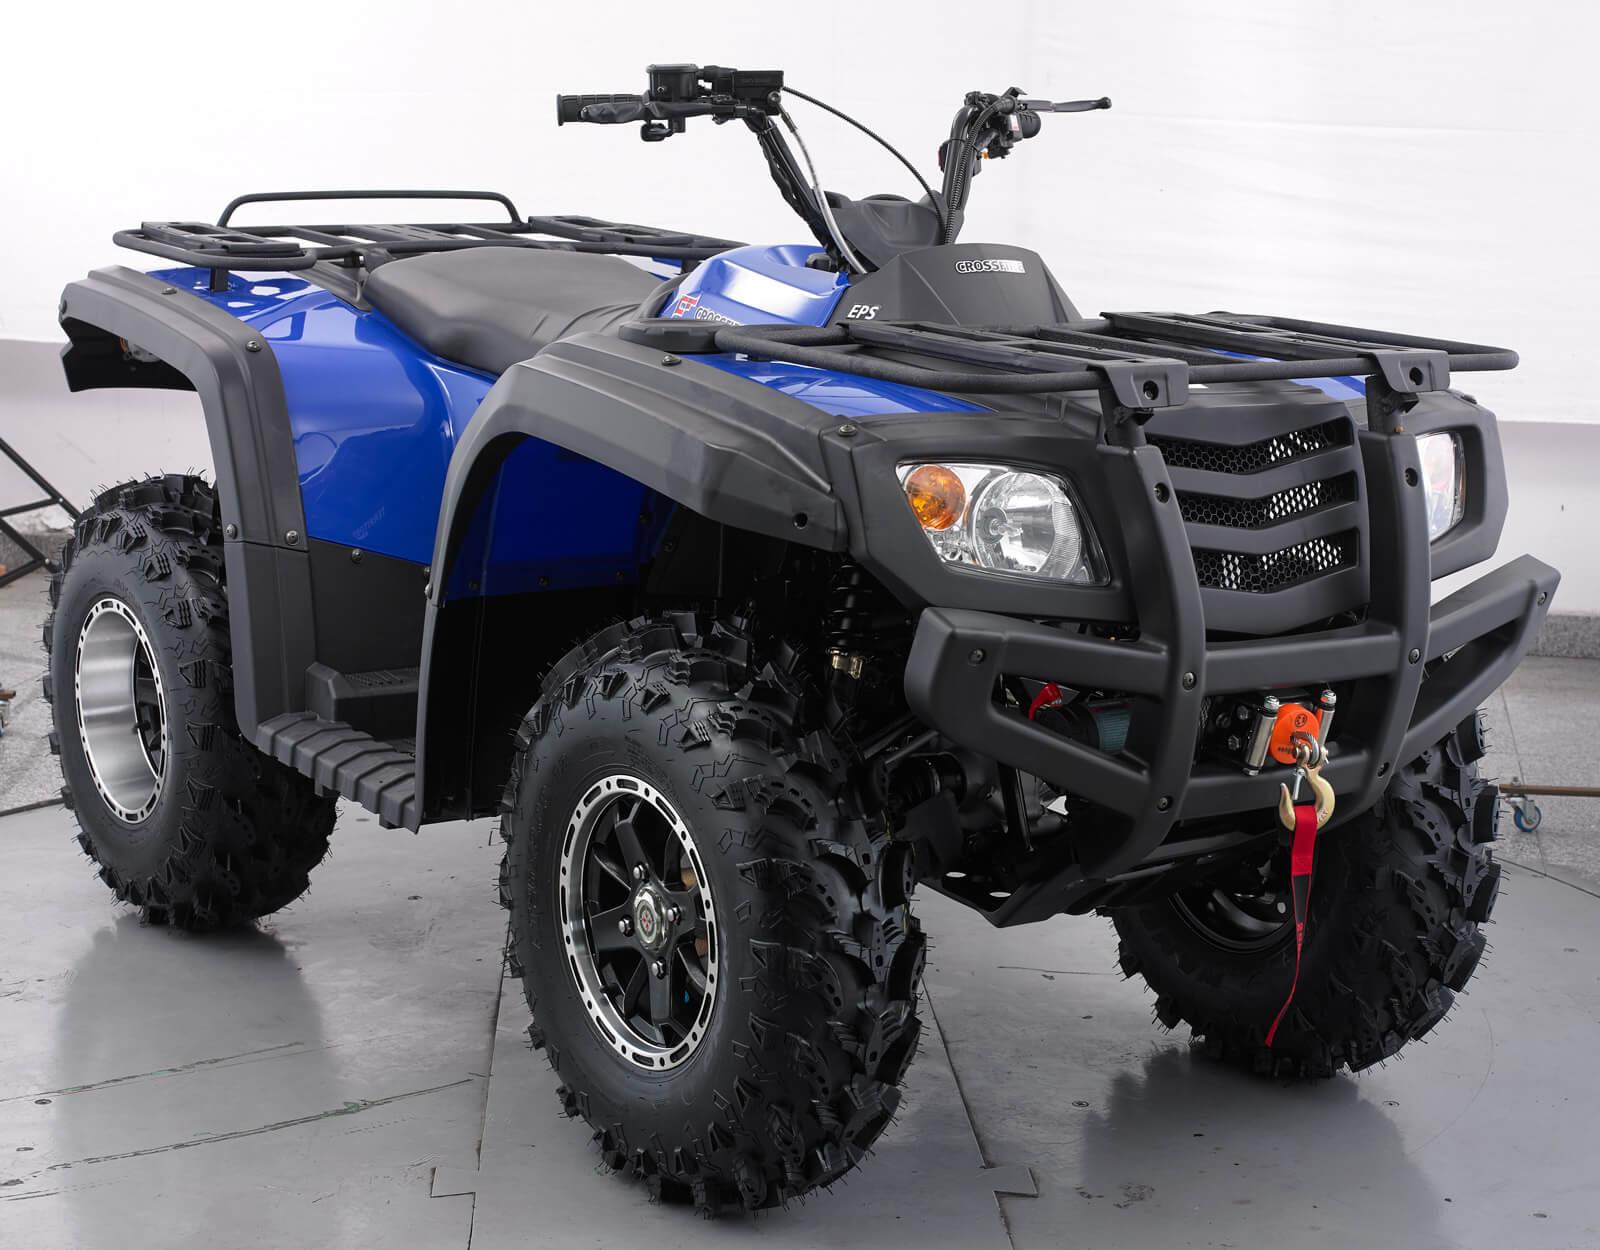 Blue quad ATV